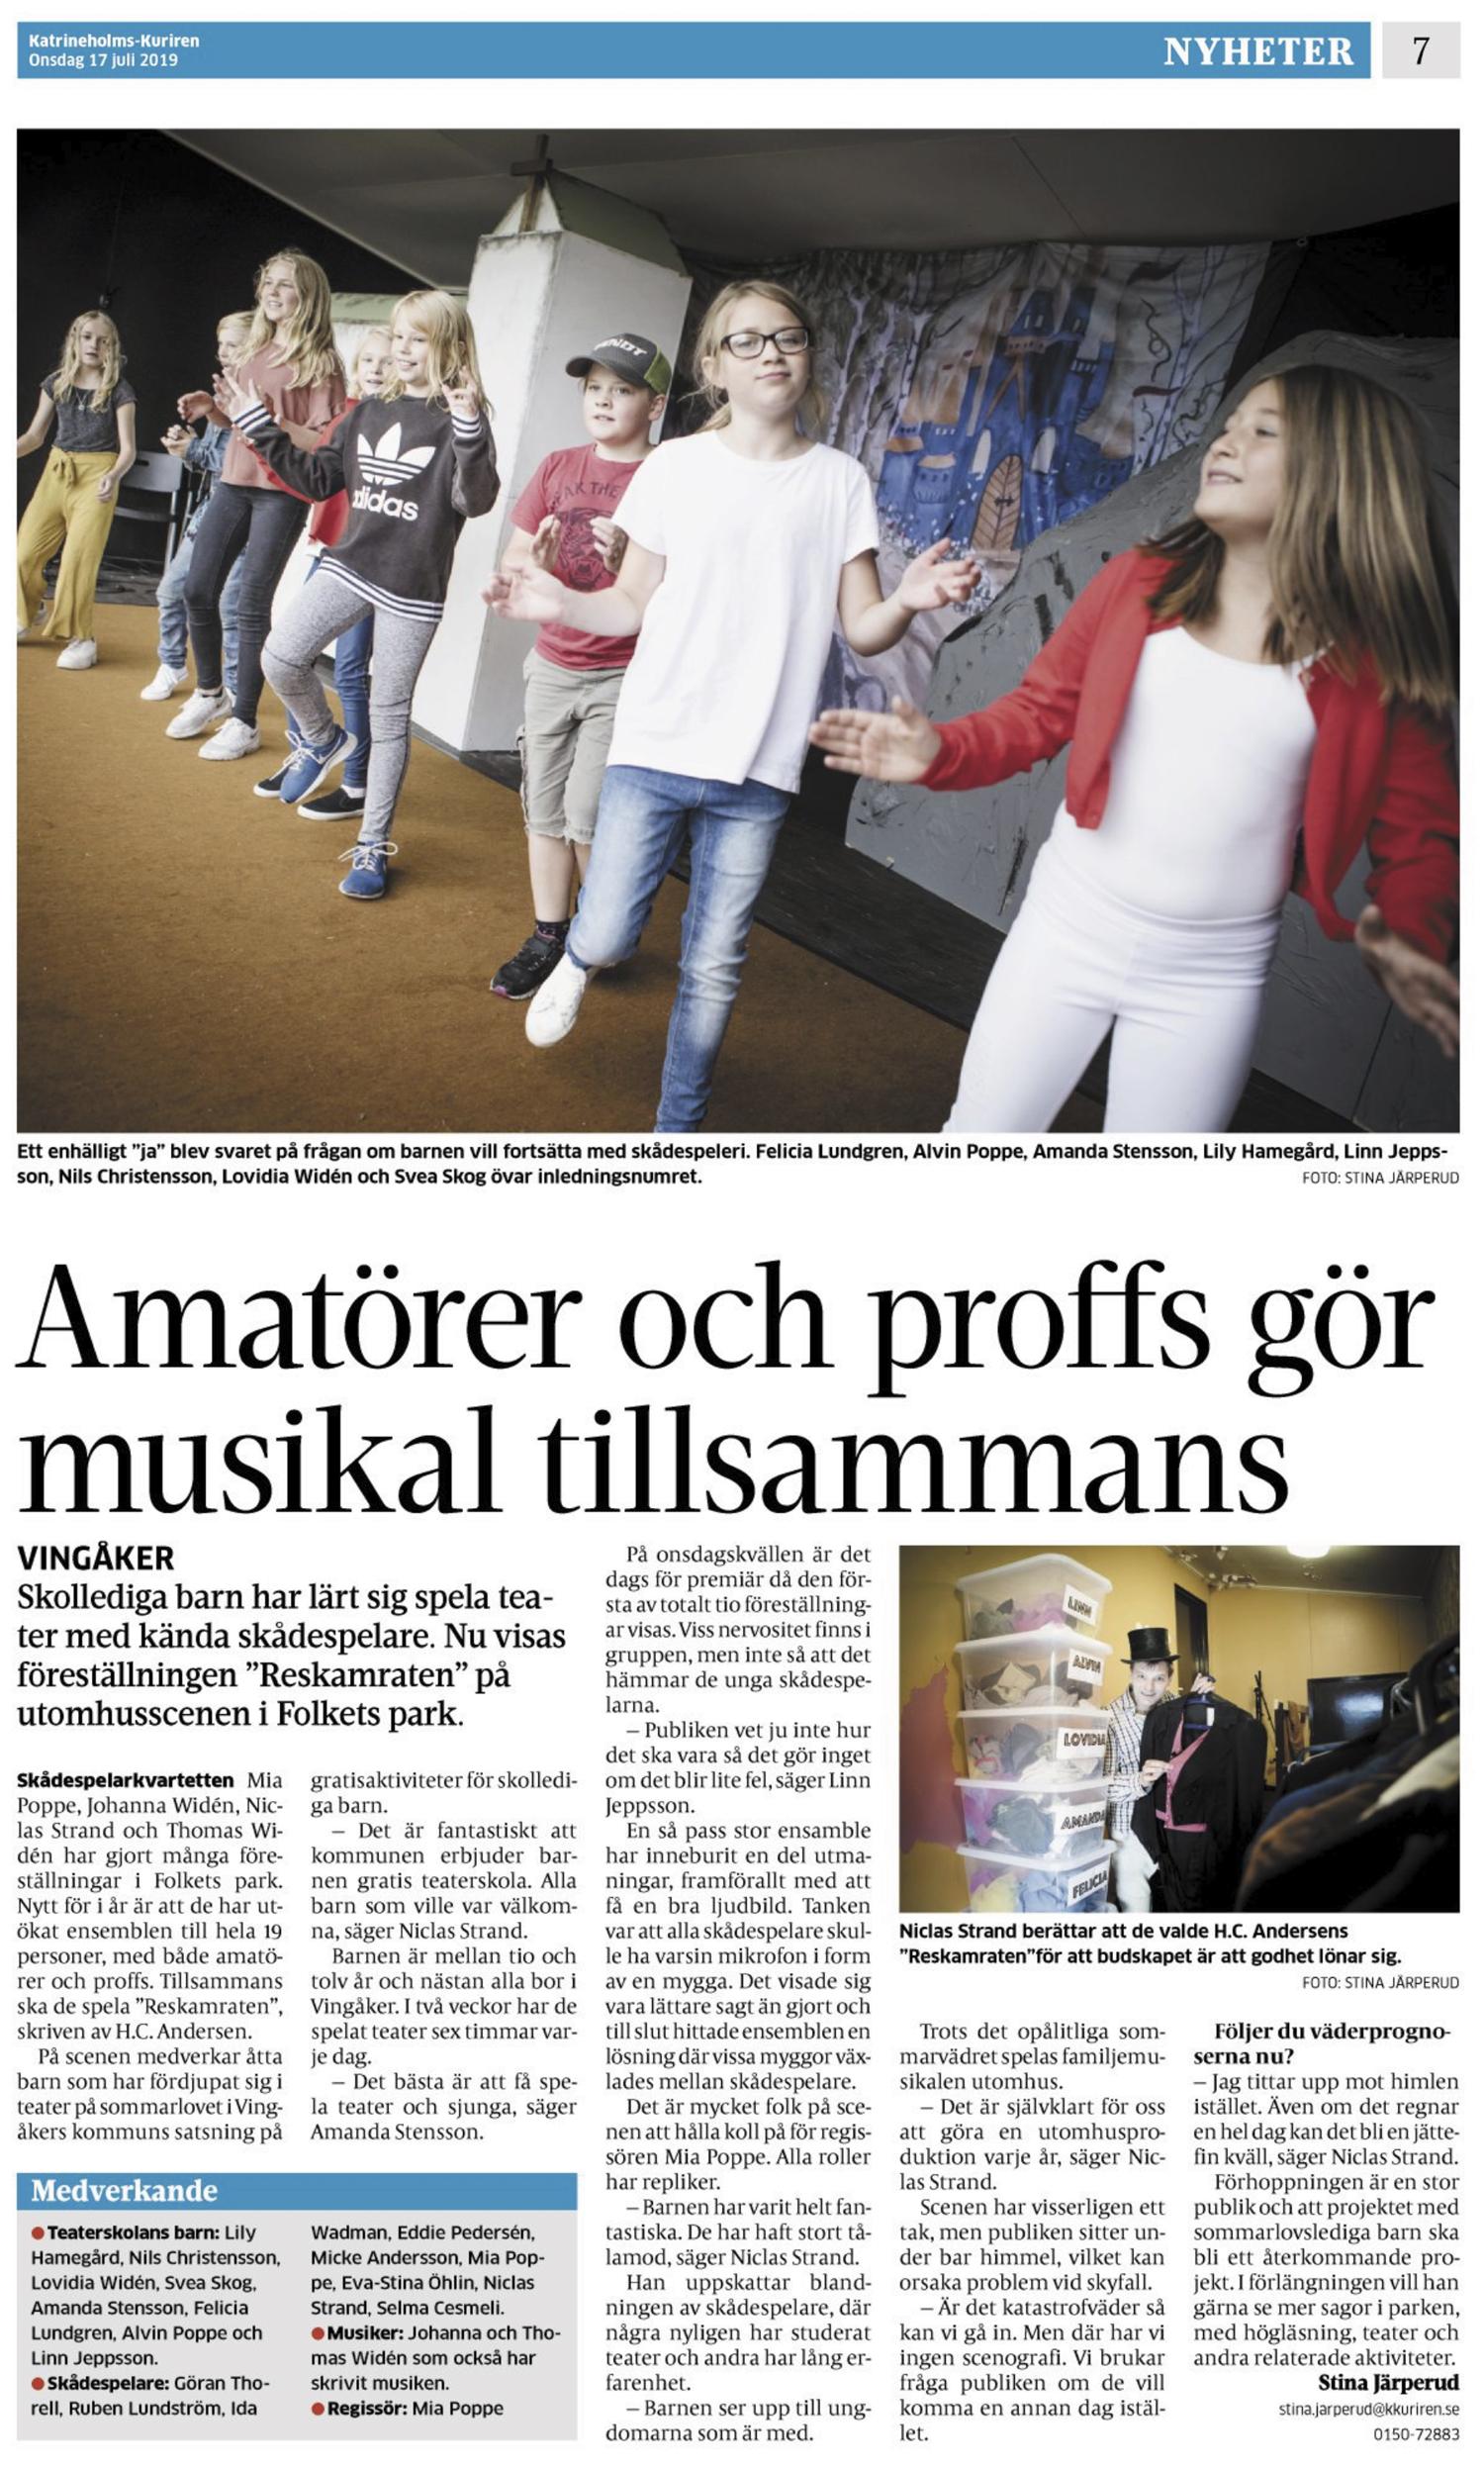 Amatörer och proffs gör musikal tillsammans